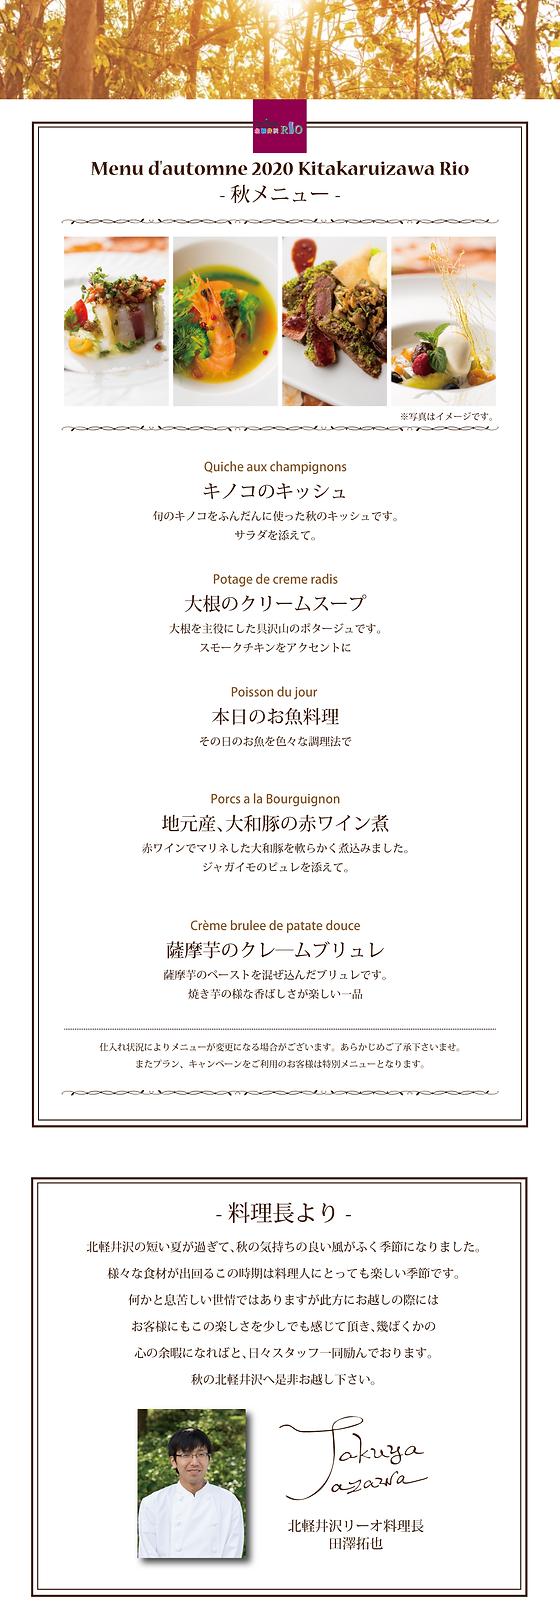 北軽井沢 秋メニュー2020.png